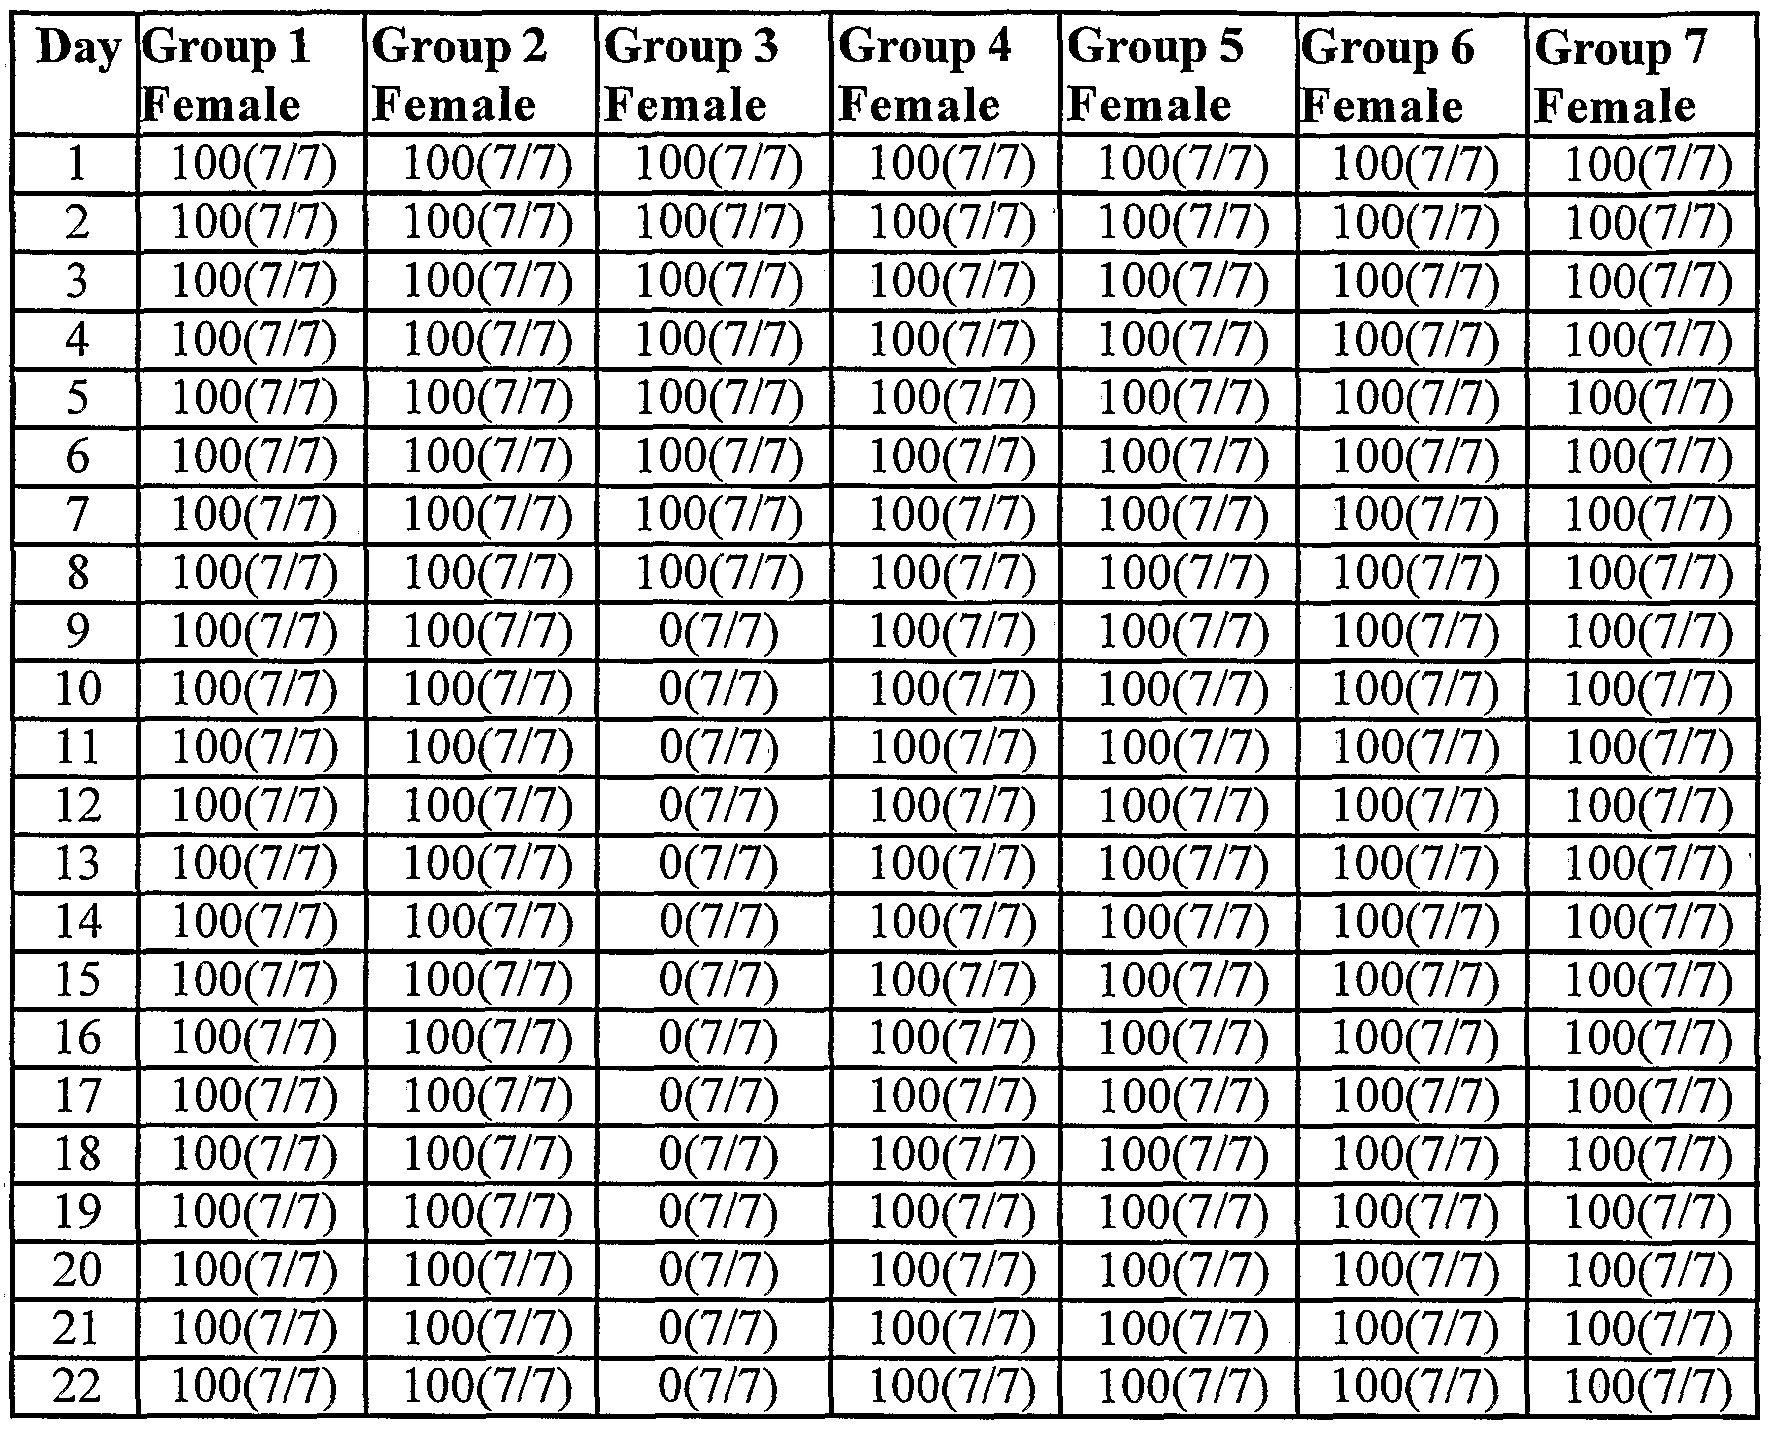 28 Day Multi Dose Calendar | Printable Calendar Template 2020 Multi Dose Vial 90 Day Expiration Calendar